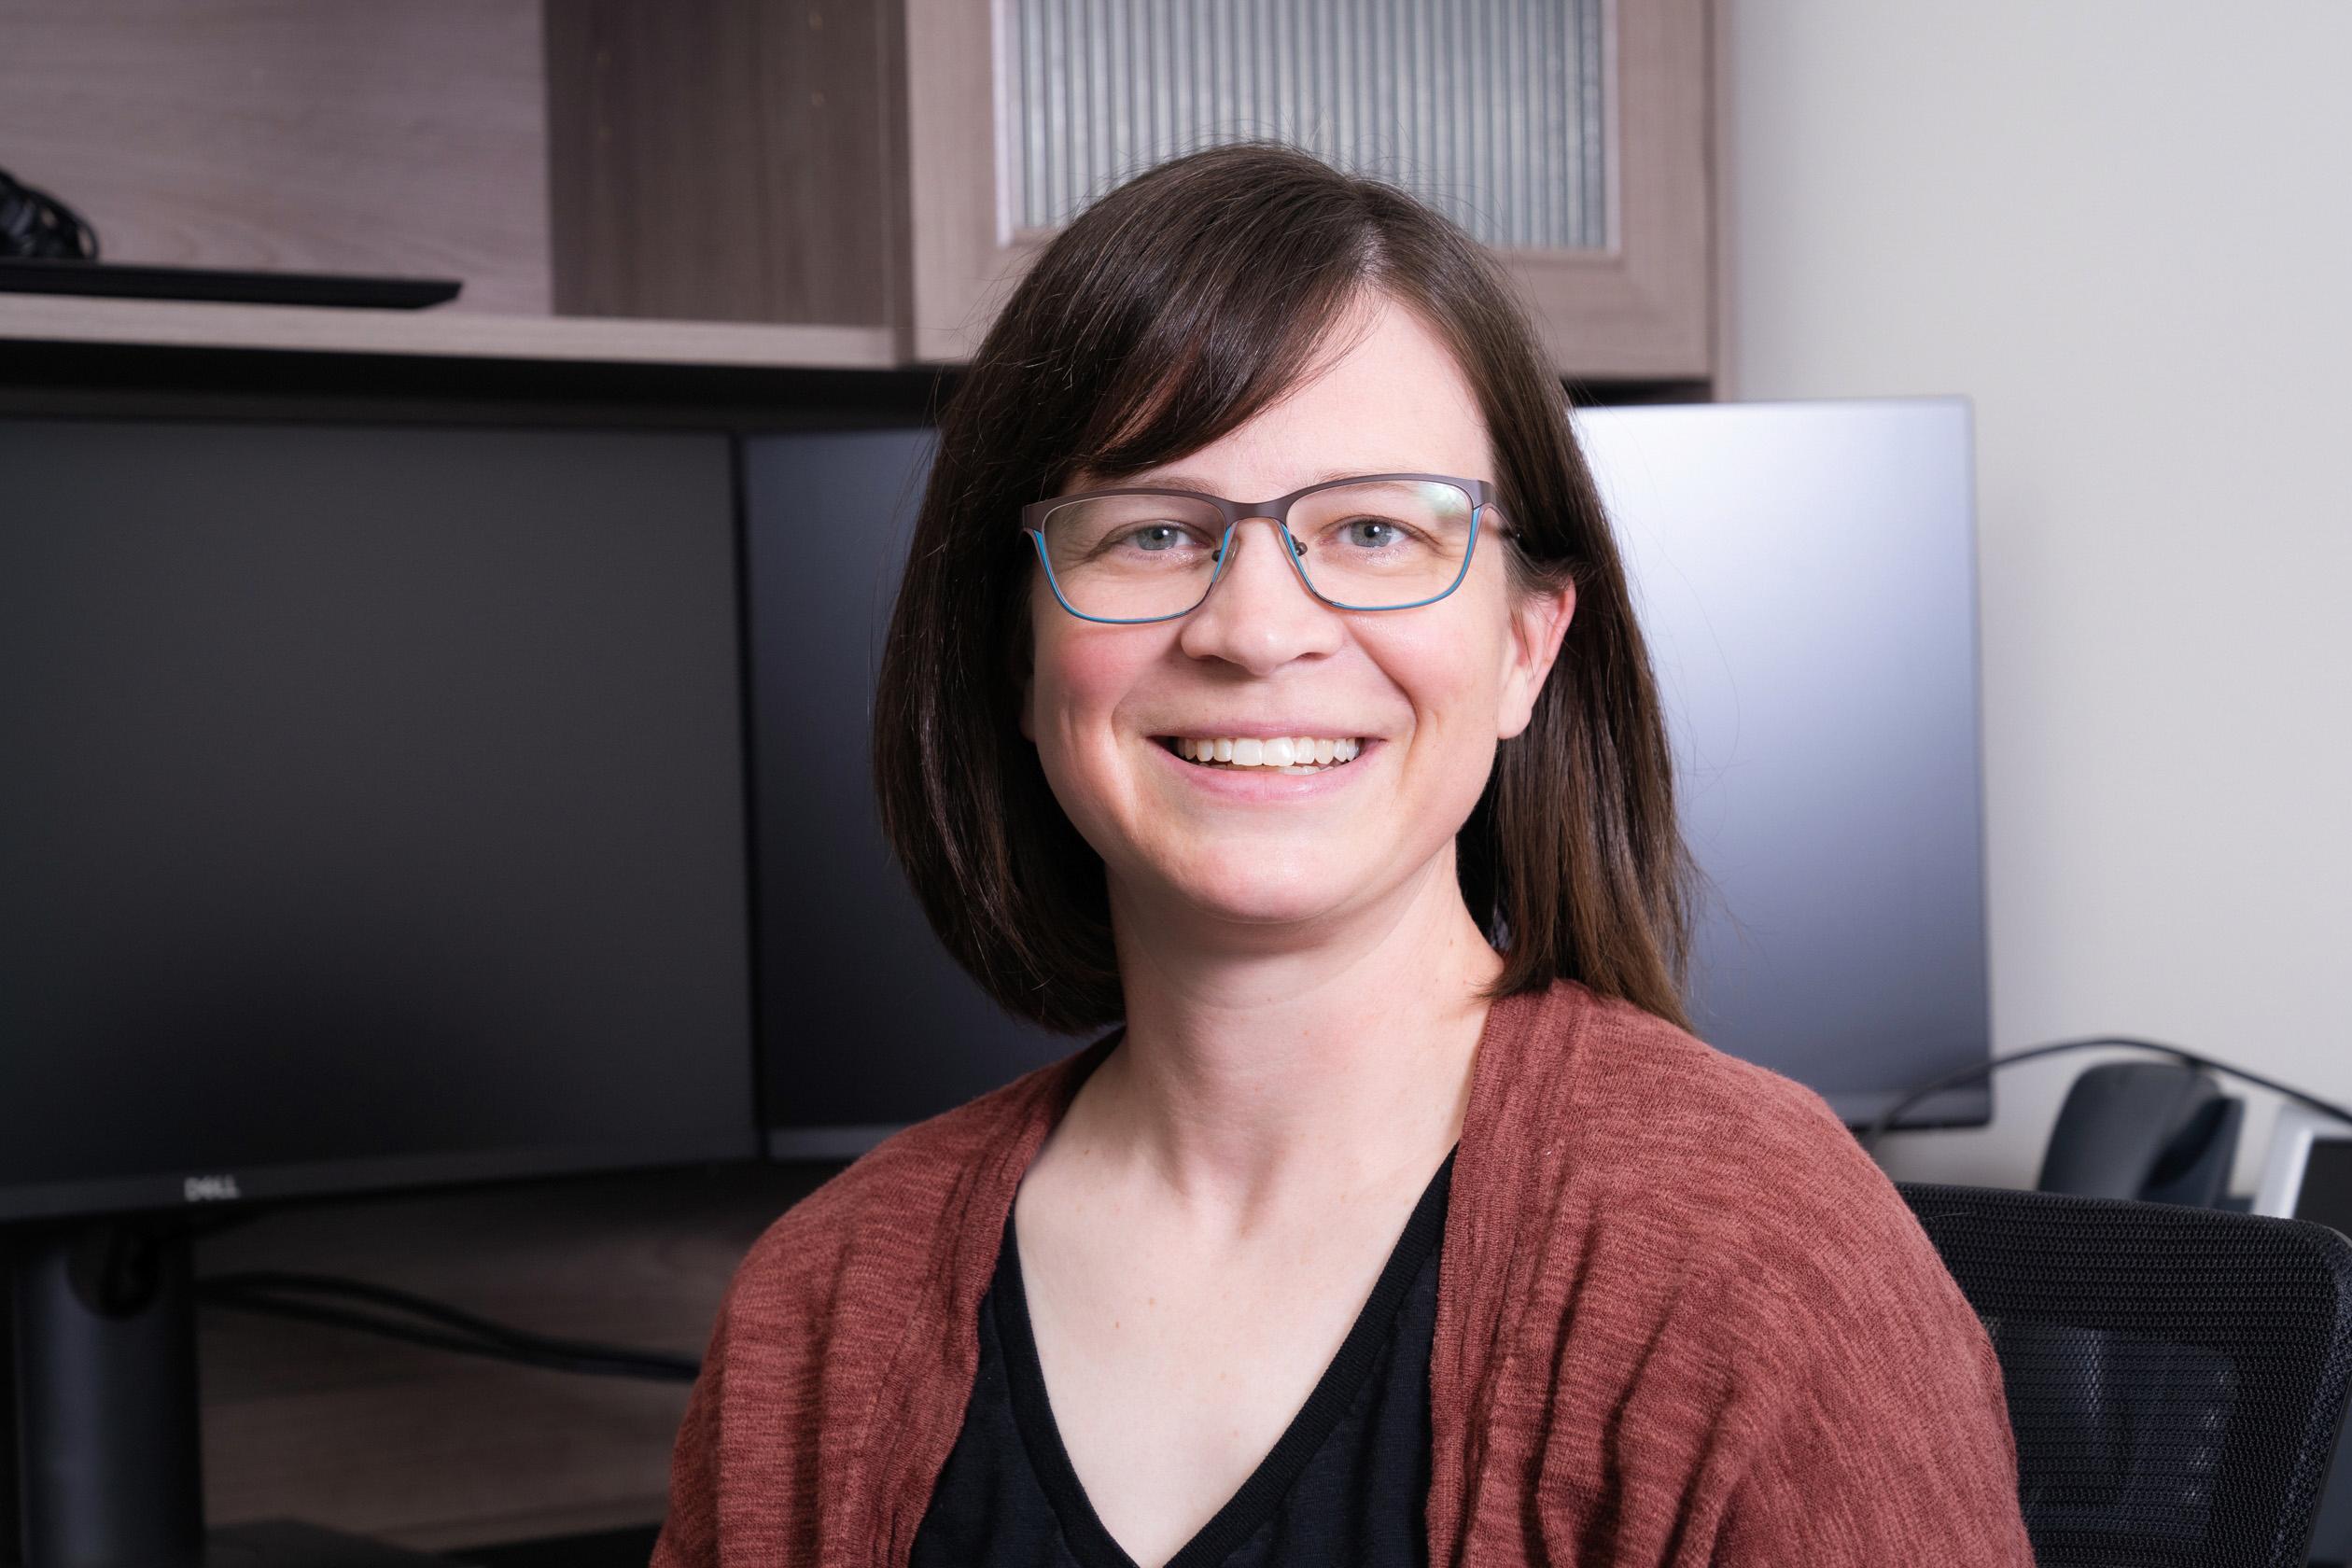 Elizabeth Stuhlmiller, MD